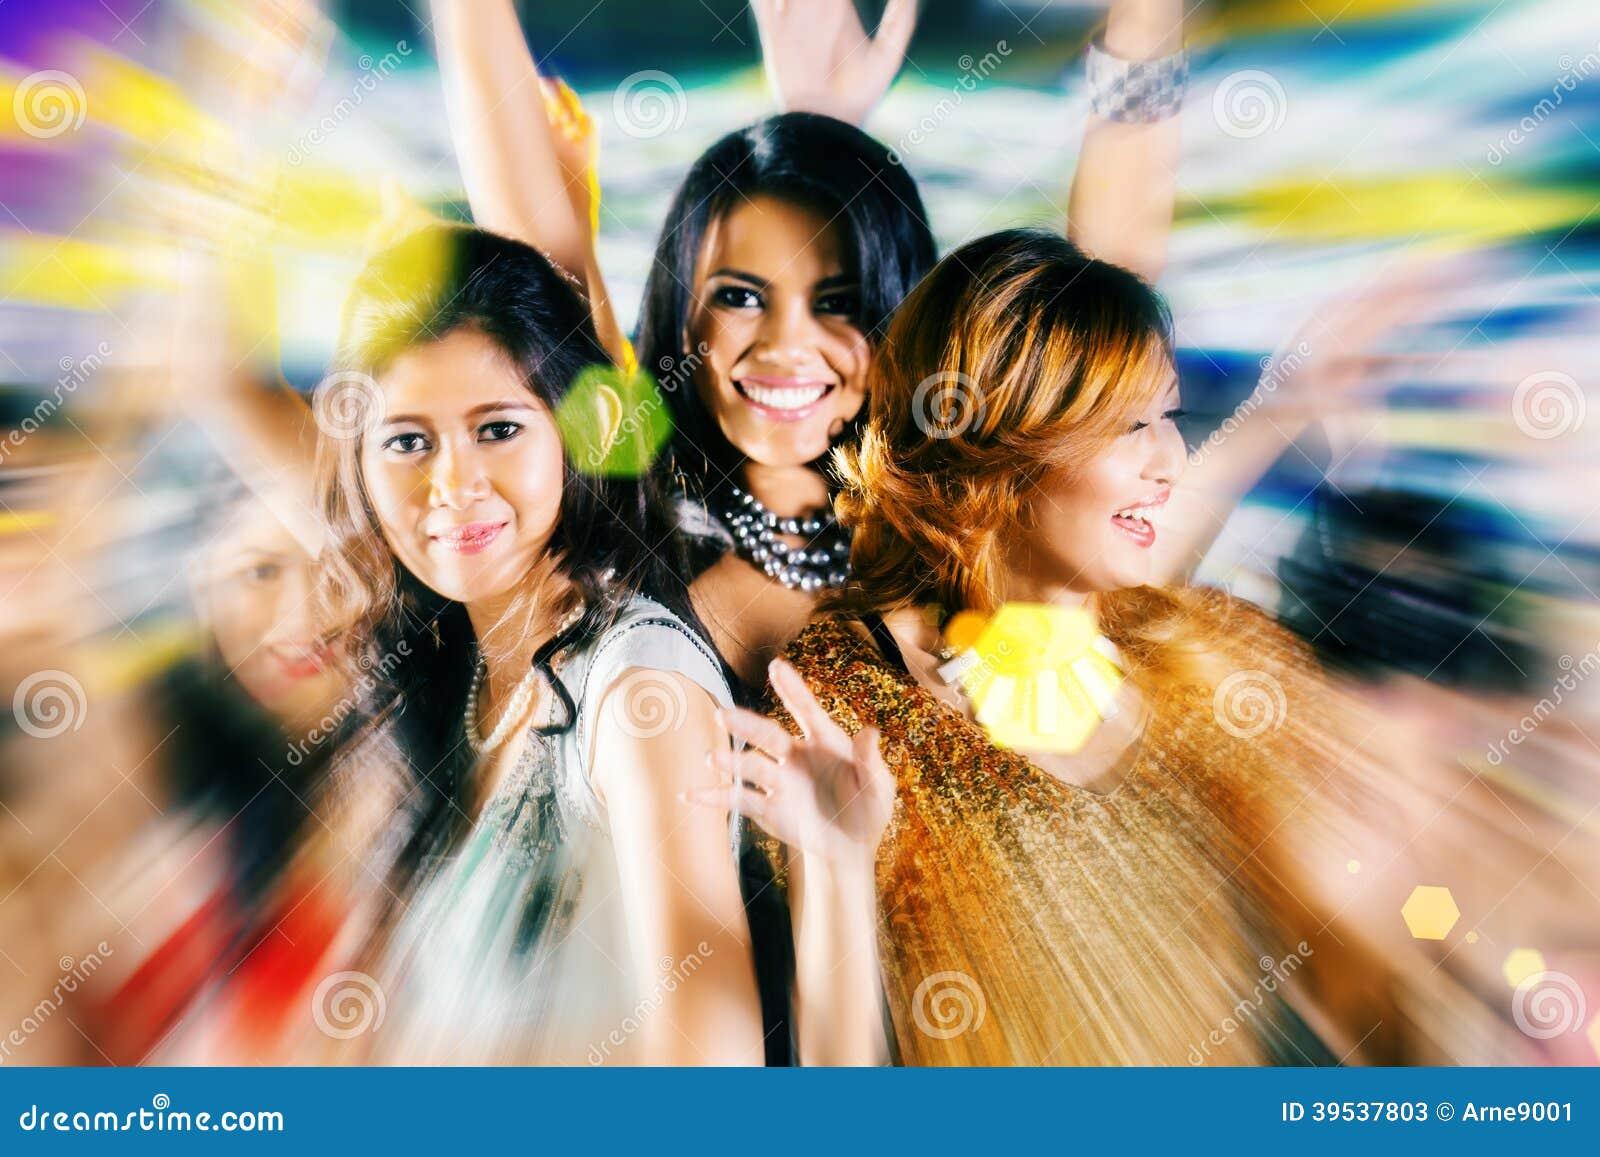 Asian Club Dancing 114